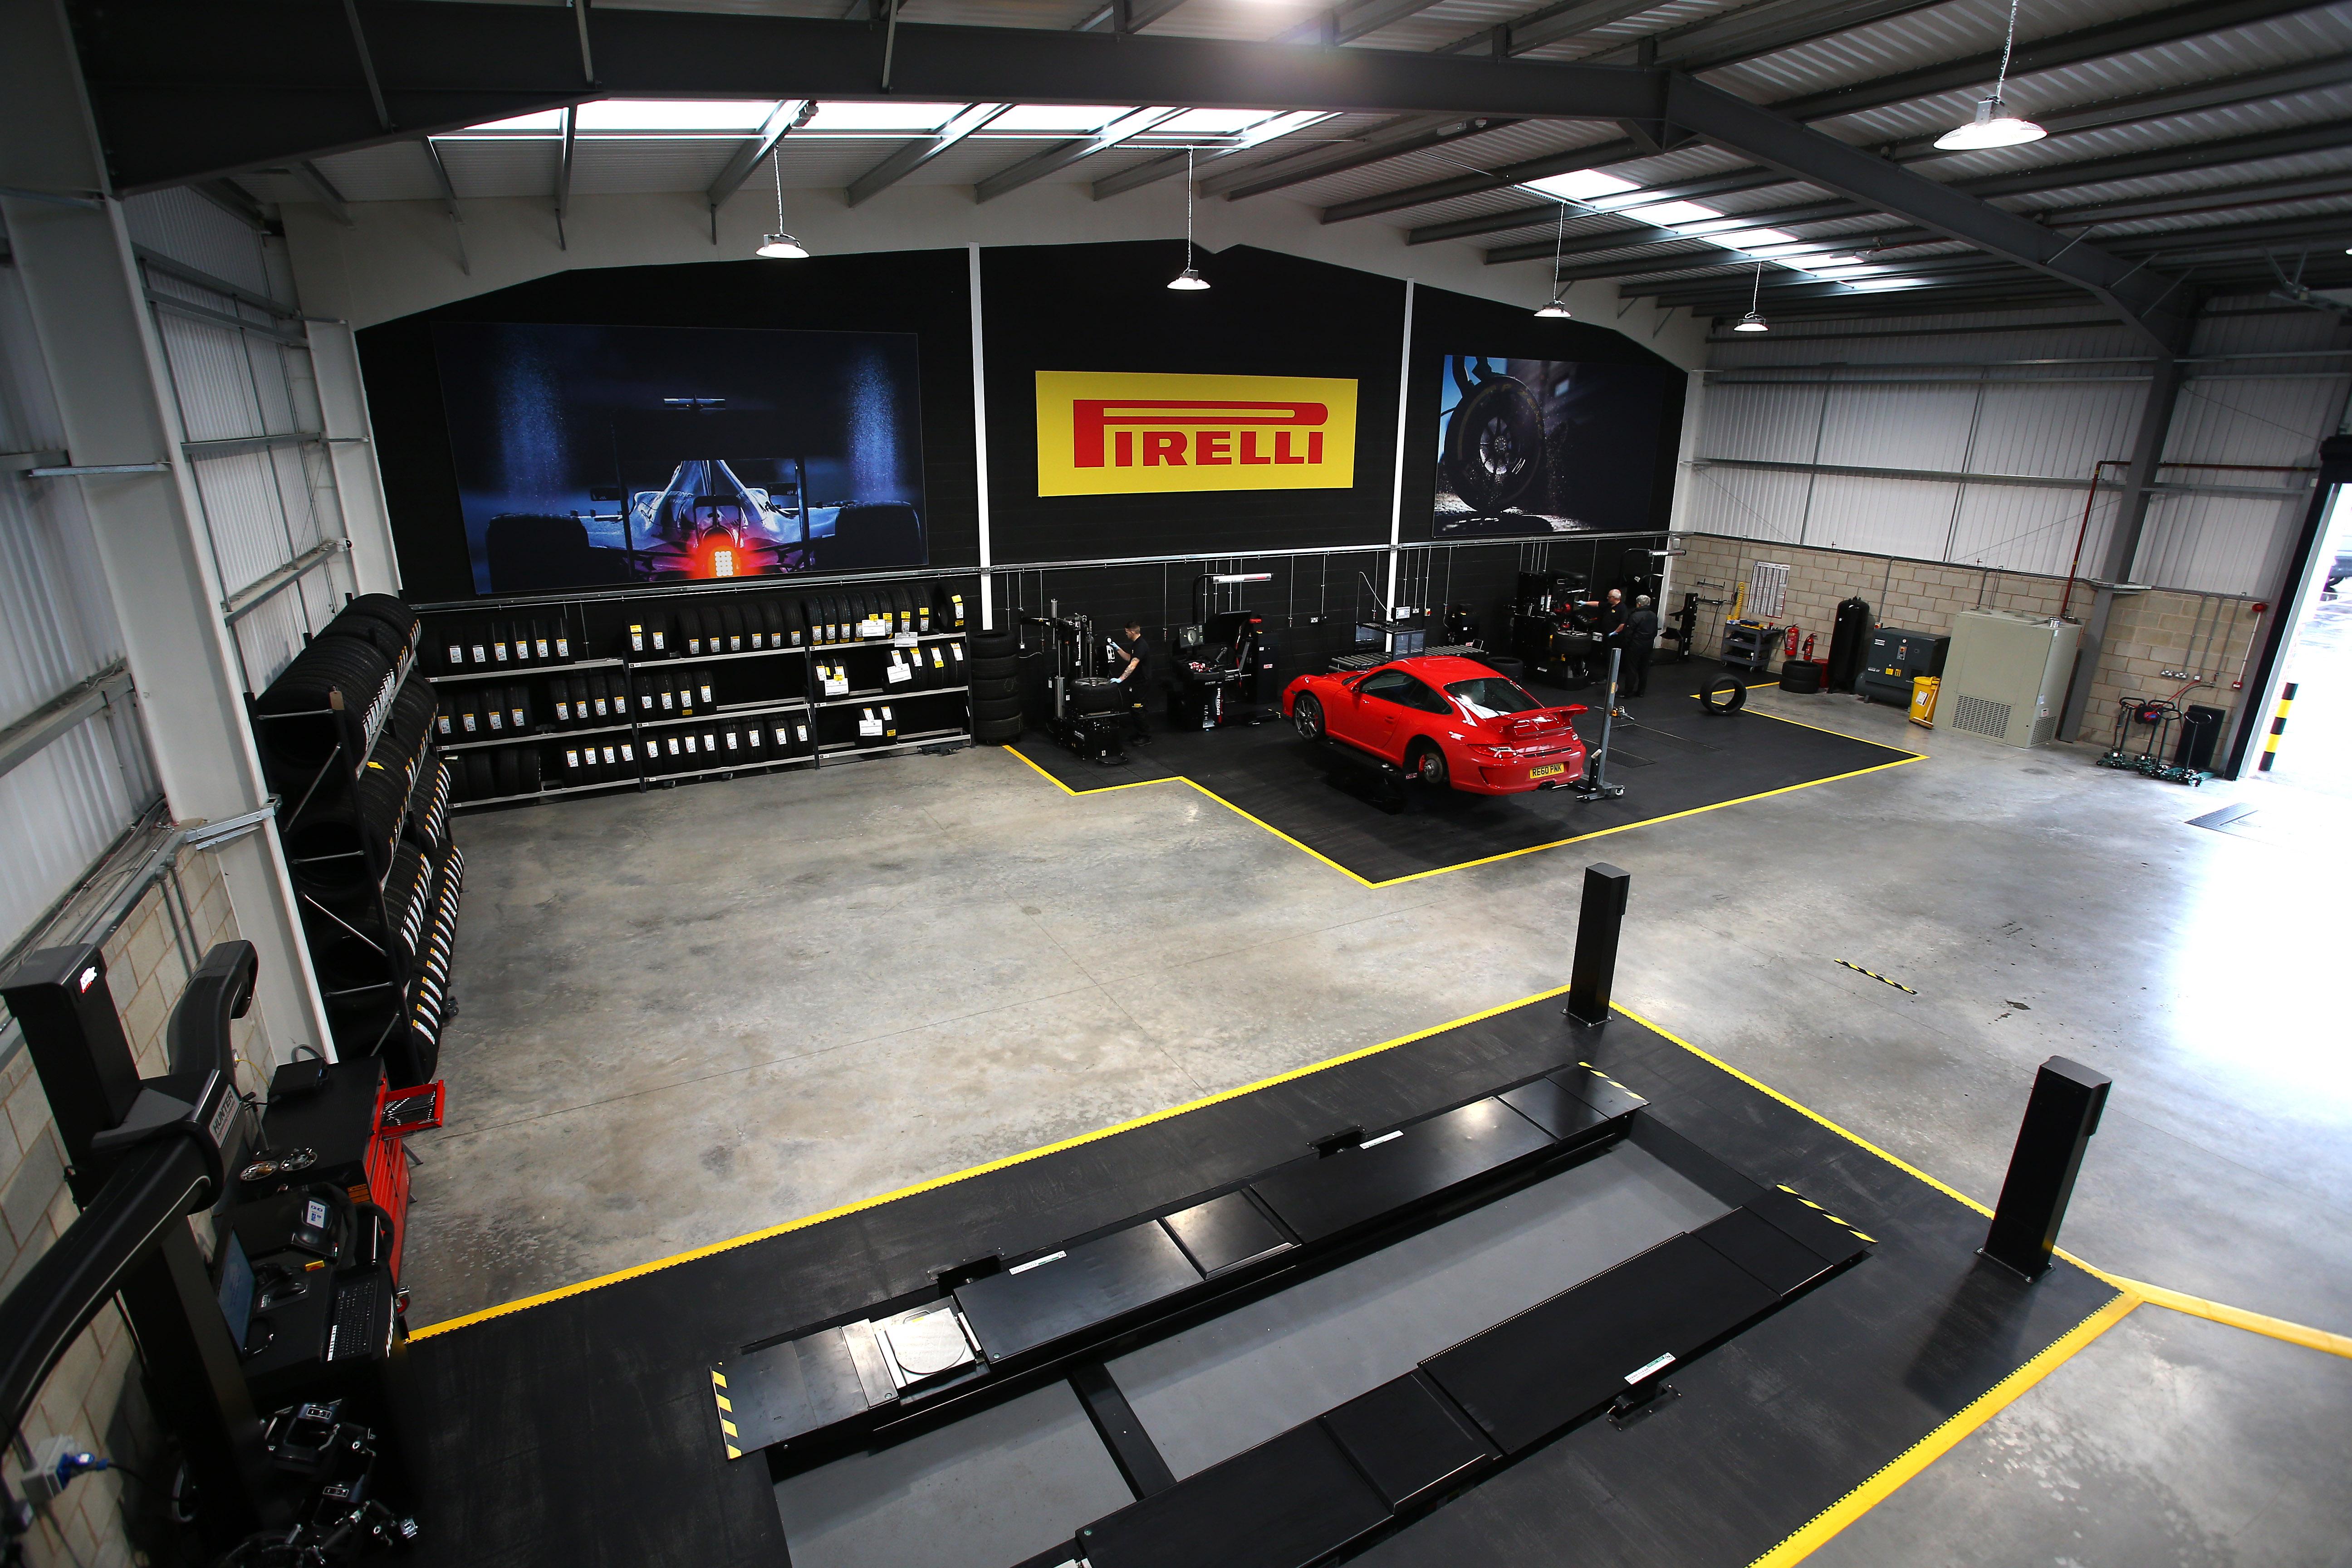 Pirelli Flooring Uk Floor Matttroy